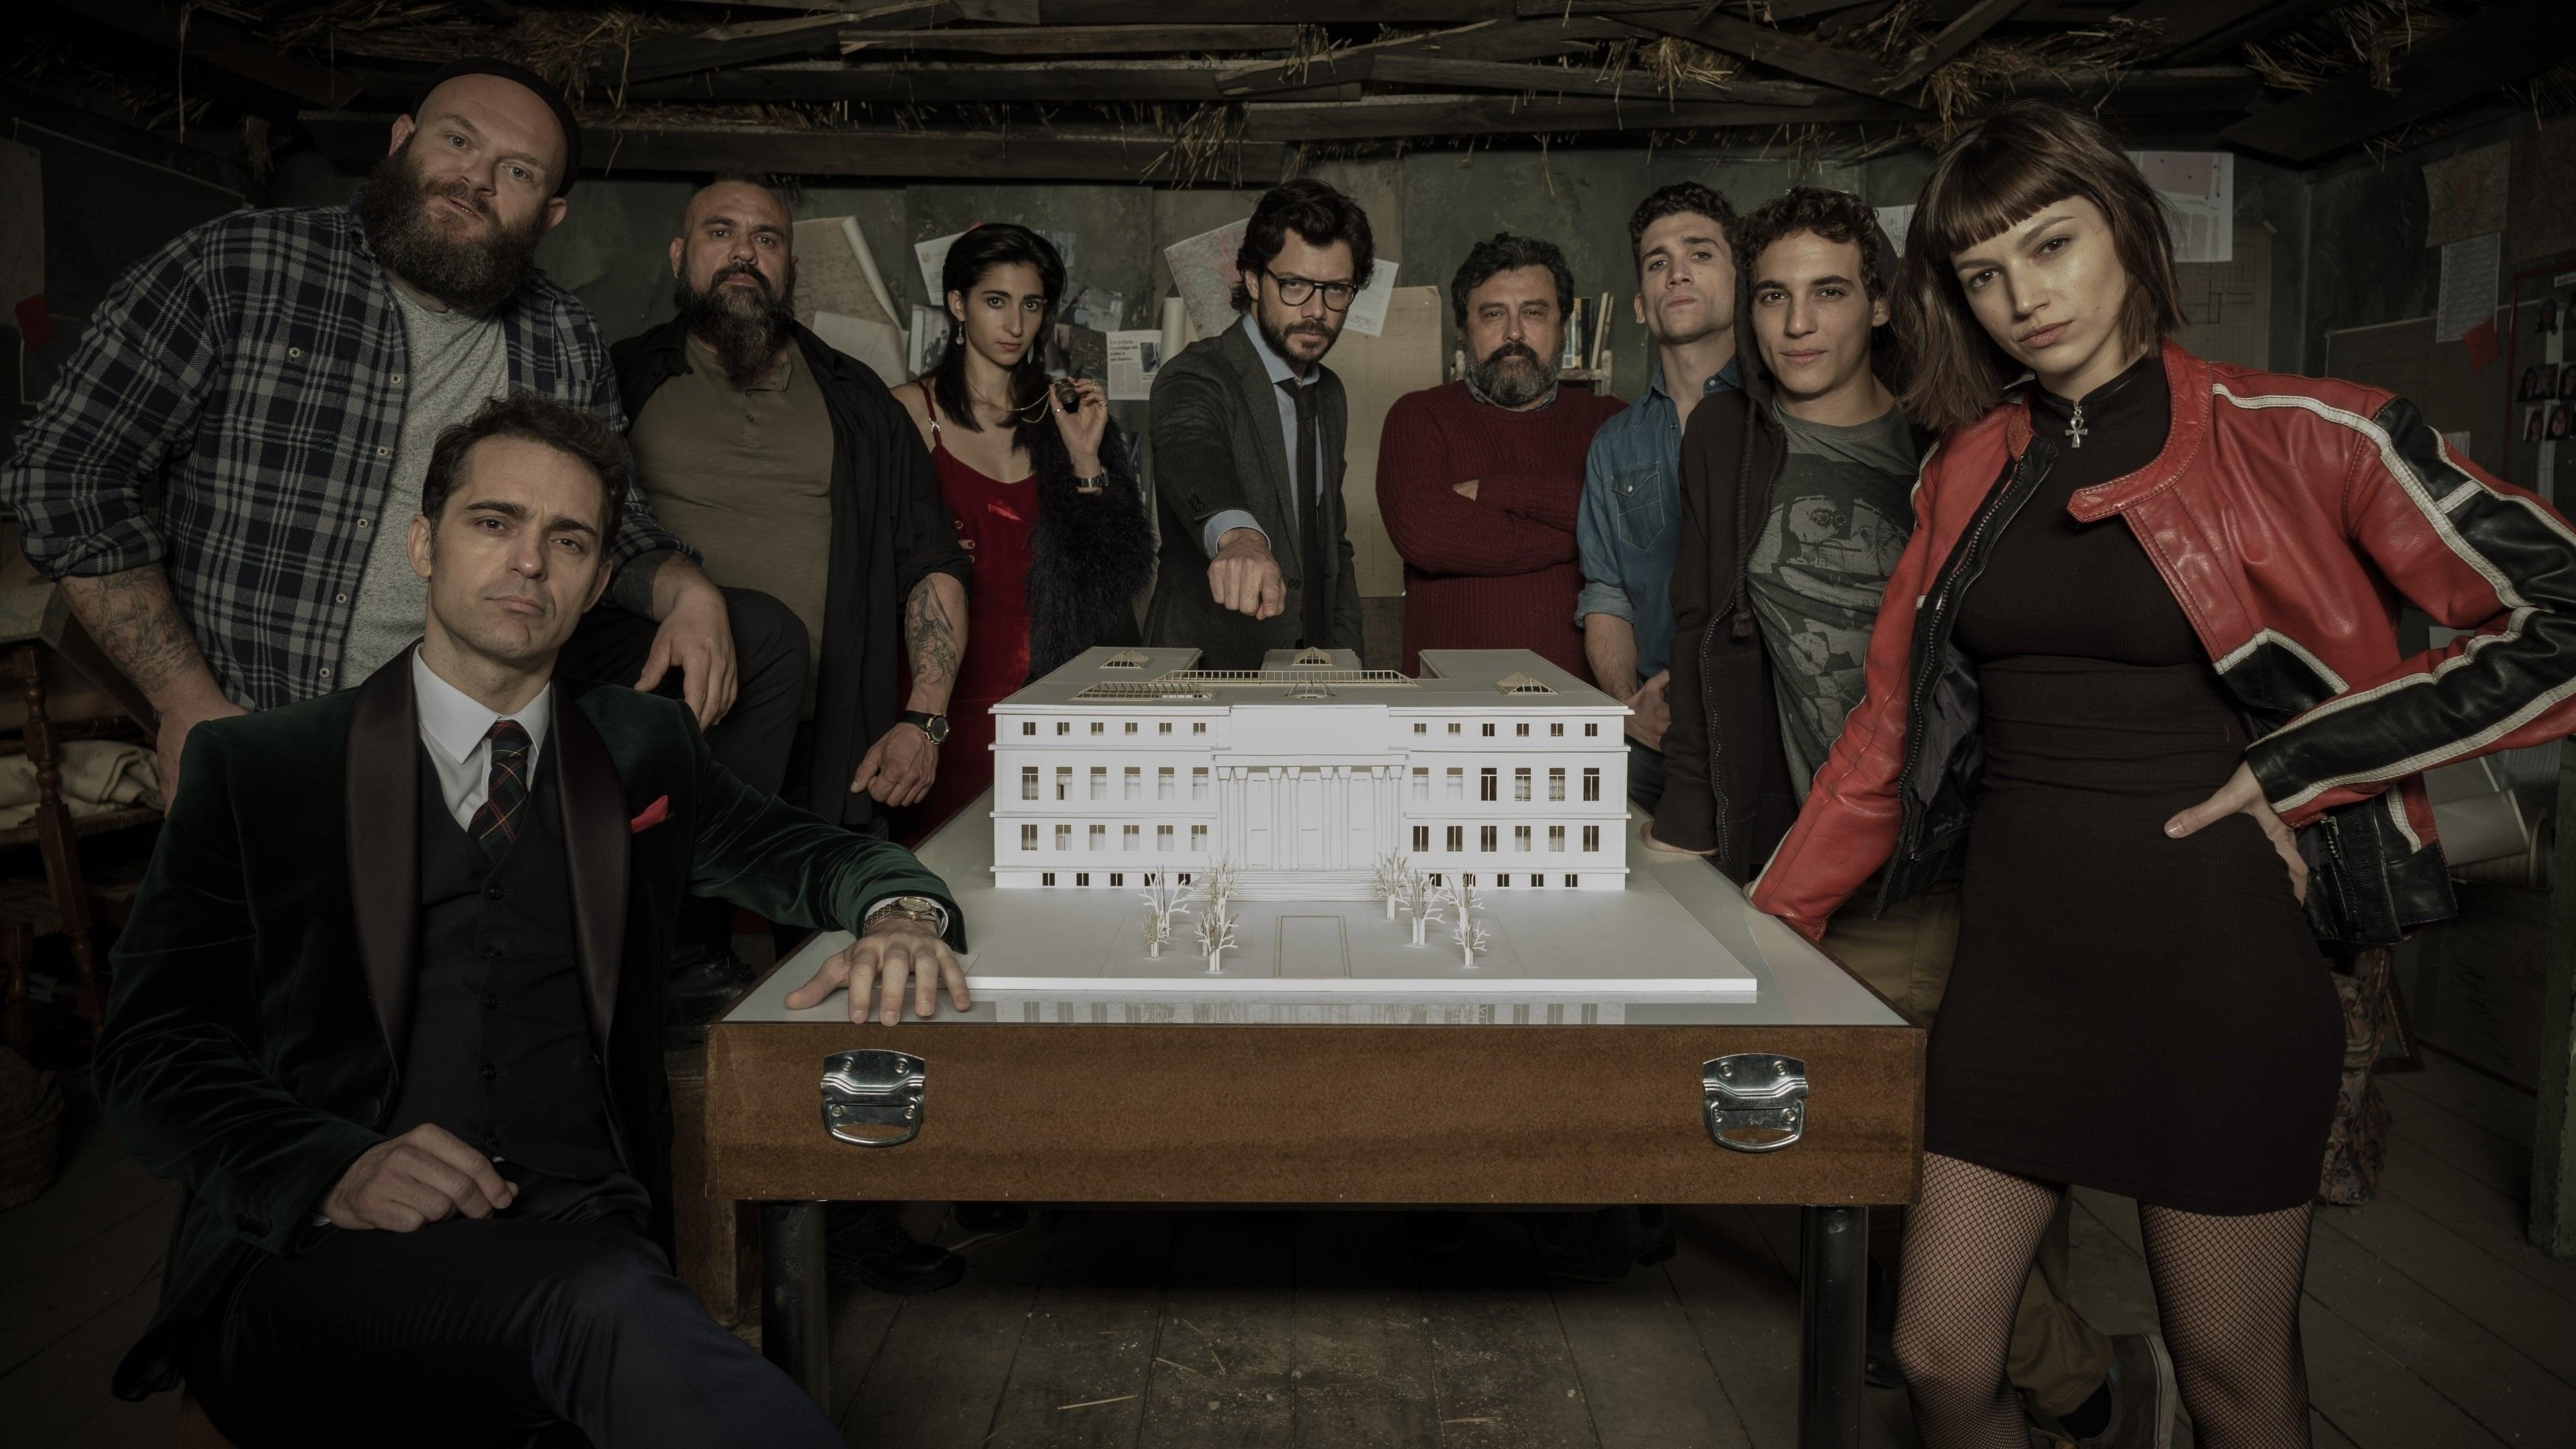 La Casa De Papel Wallpaper Hd Tv Series 4k Wallpapers